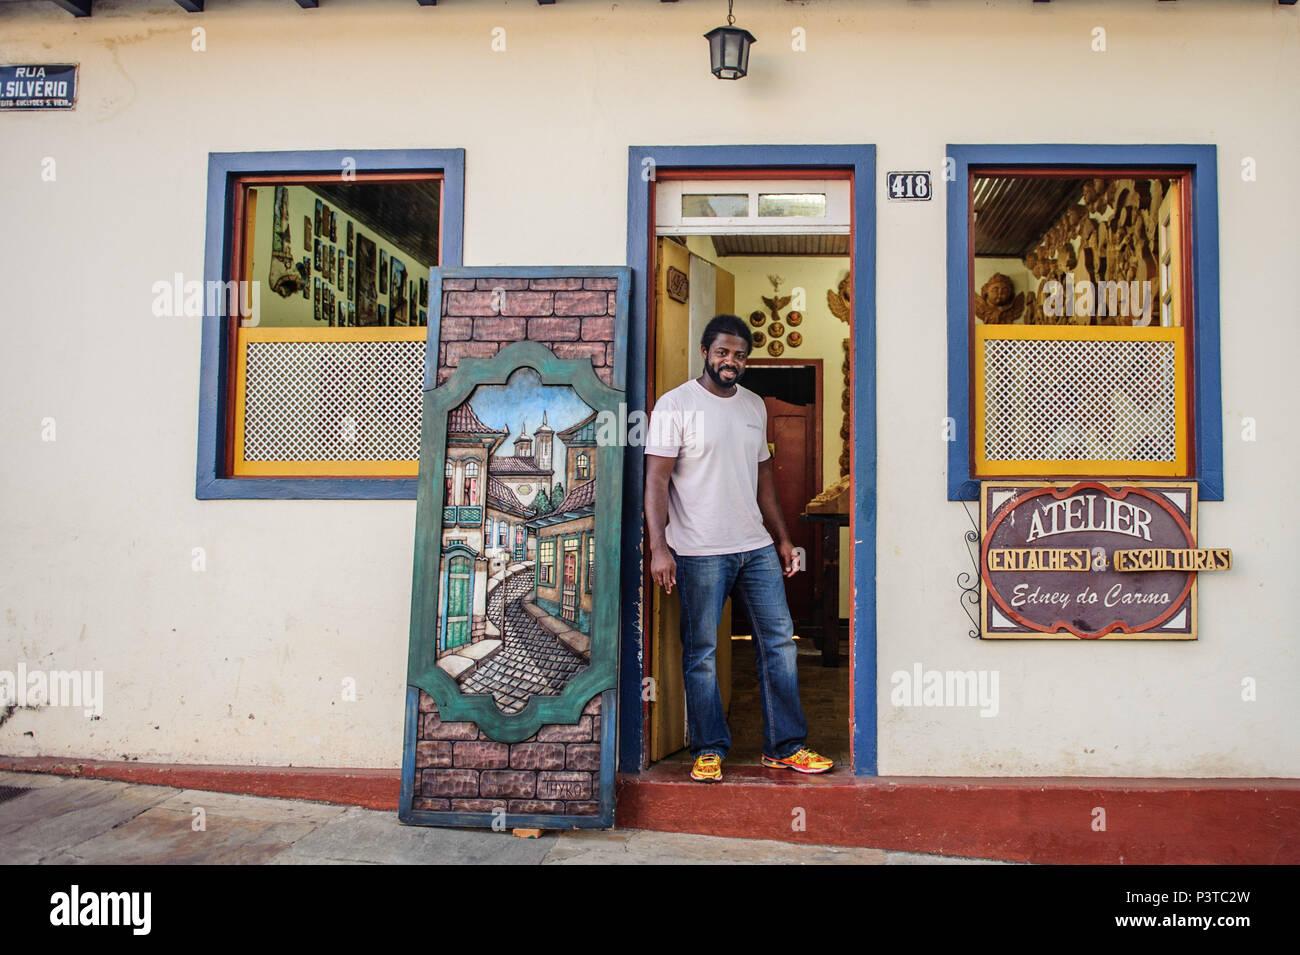 MARIANA, MG - 24.09.2015: ARTISTA EDNEY DO CARMO - Escultor e Artista Edney do Carmo em seu atelier na cidade de Mariana - MG. (Foto: Mourão Panda / Fotoarena) - Stock Image